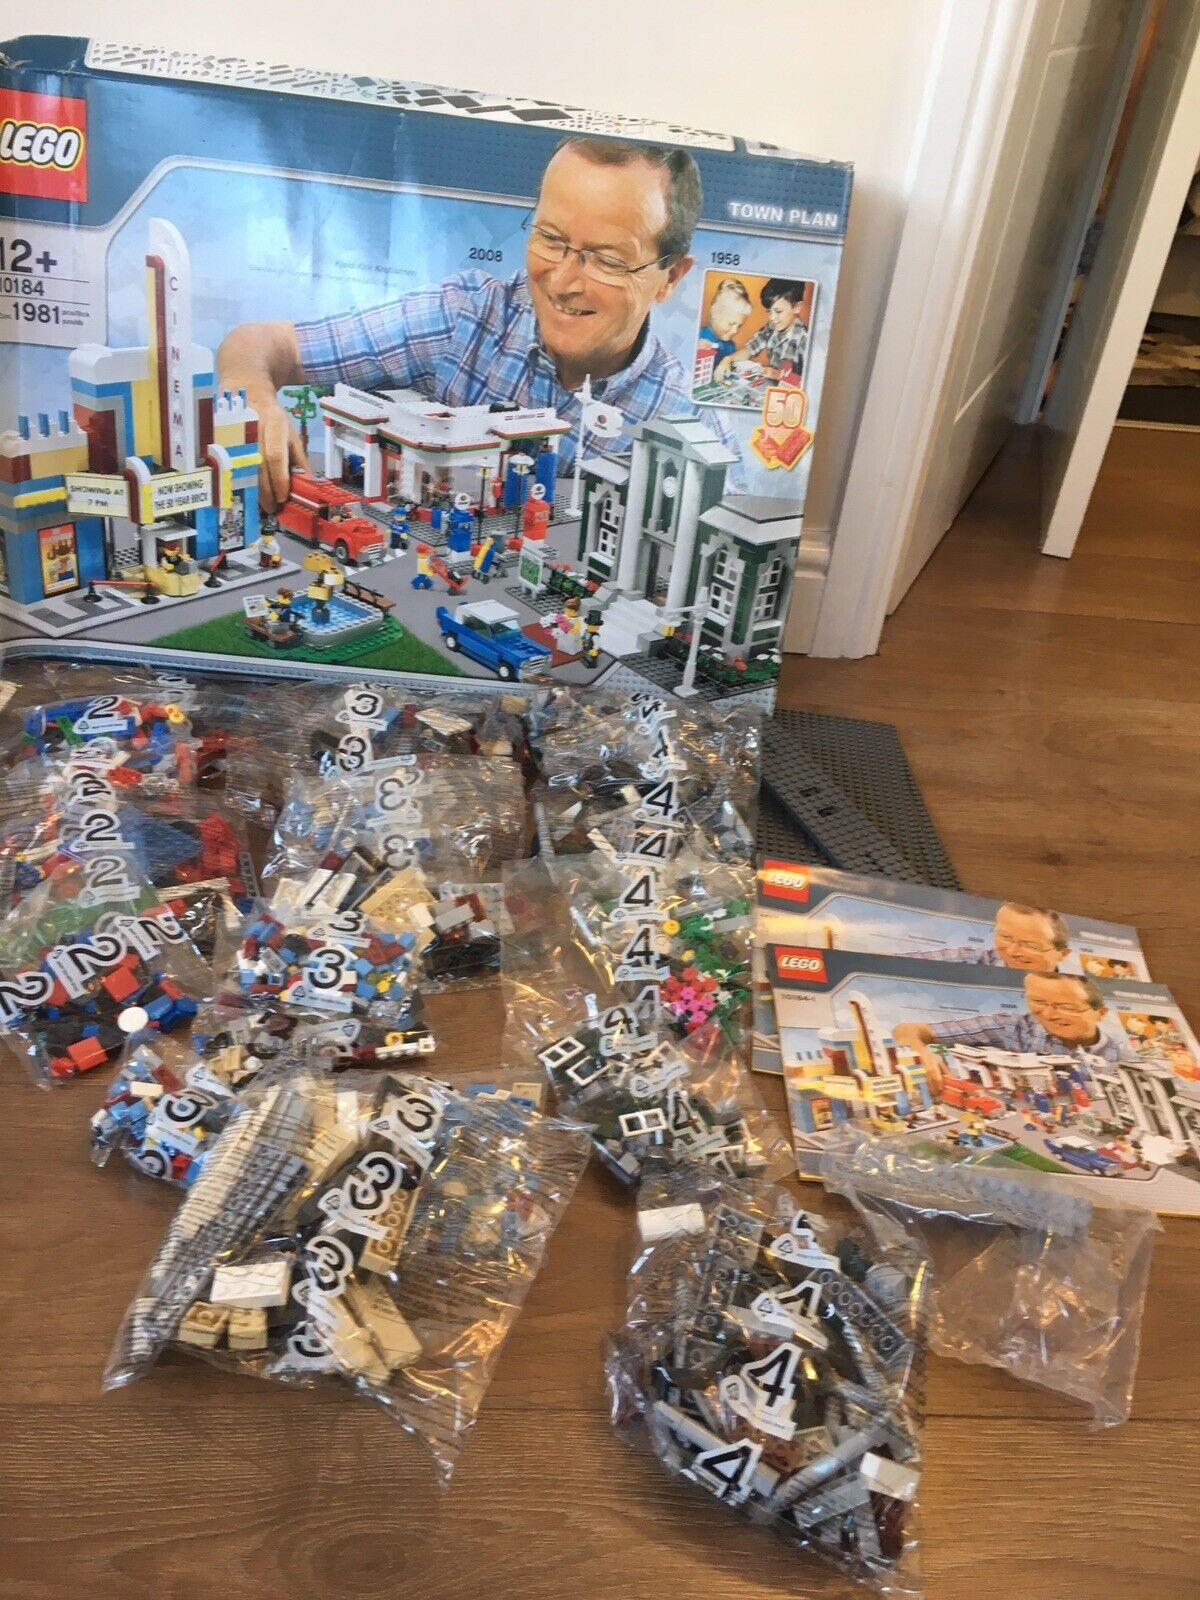 LEGO  10184 Town Plan RARA EDIZIONE LIMITATA NUOVO & IN SCATOLA-tutte le borse non aperto  autorizzazione